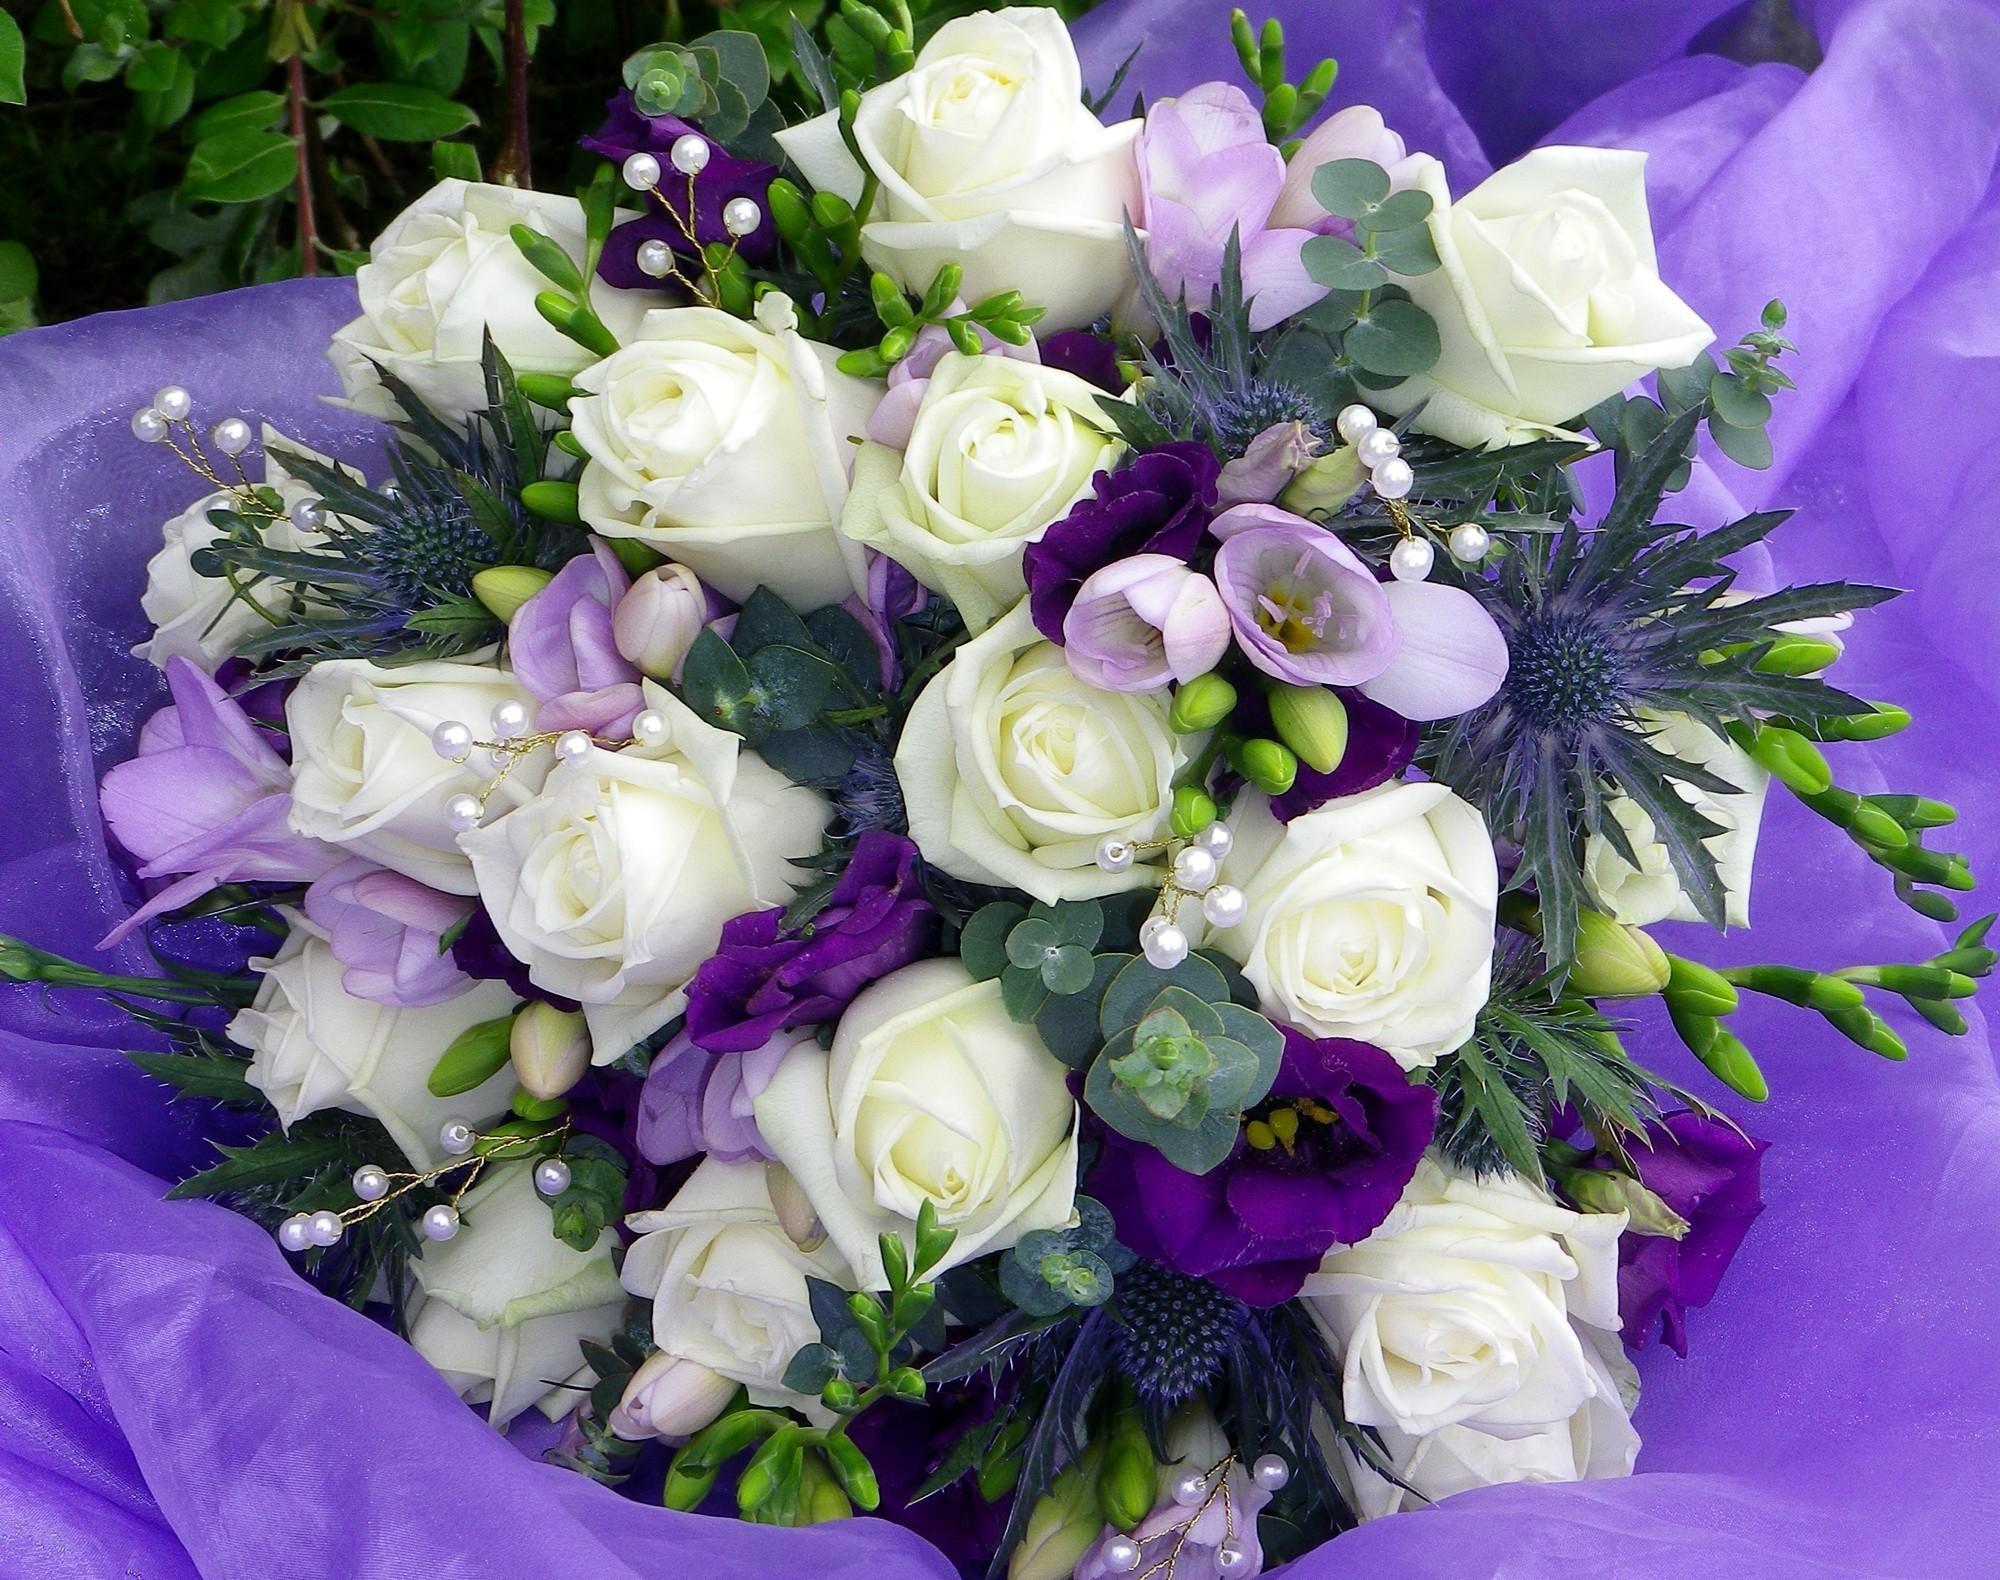 101548 скачать обои Розы, Букет, Цветы, Оформление, Сиреневый, Украшение, Лизиантус Рассела, Фрезия - заставки и картинки бесплатно